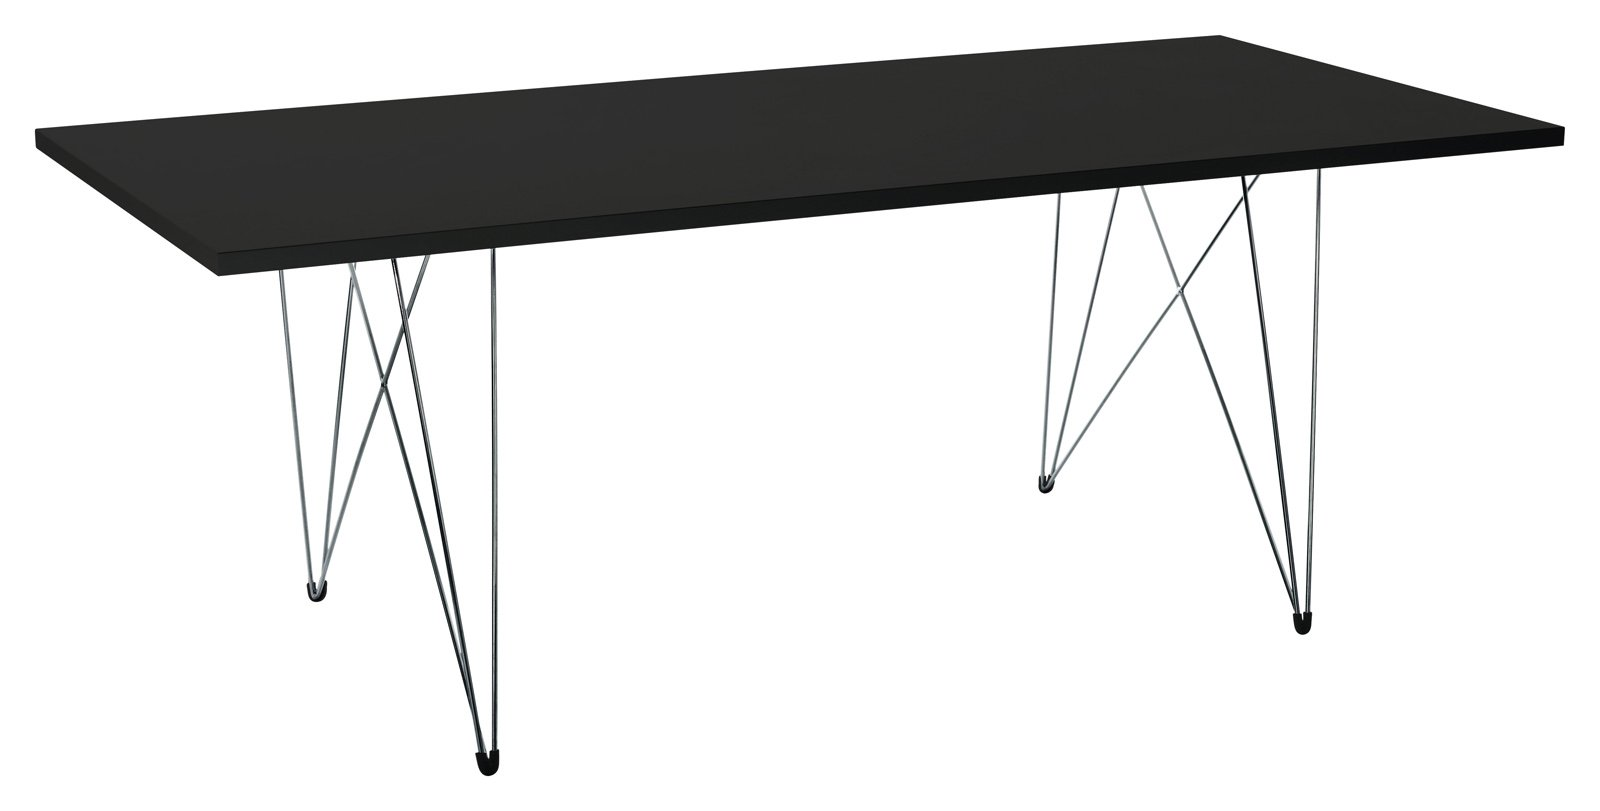 Tavolo XZ3 (design Studio Tecnico Interno) Caratterizzato Dalle Gambe  #4E5456 1600 811 Ikea Carugate Tavoli Da Cucina